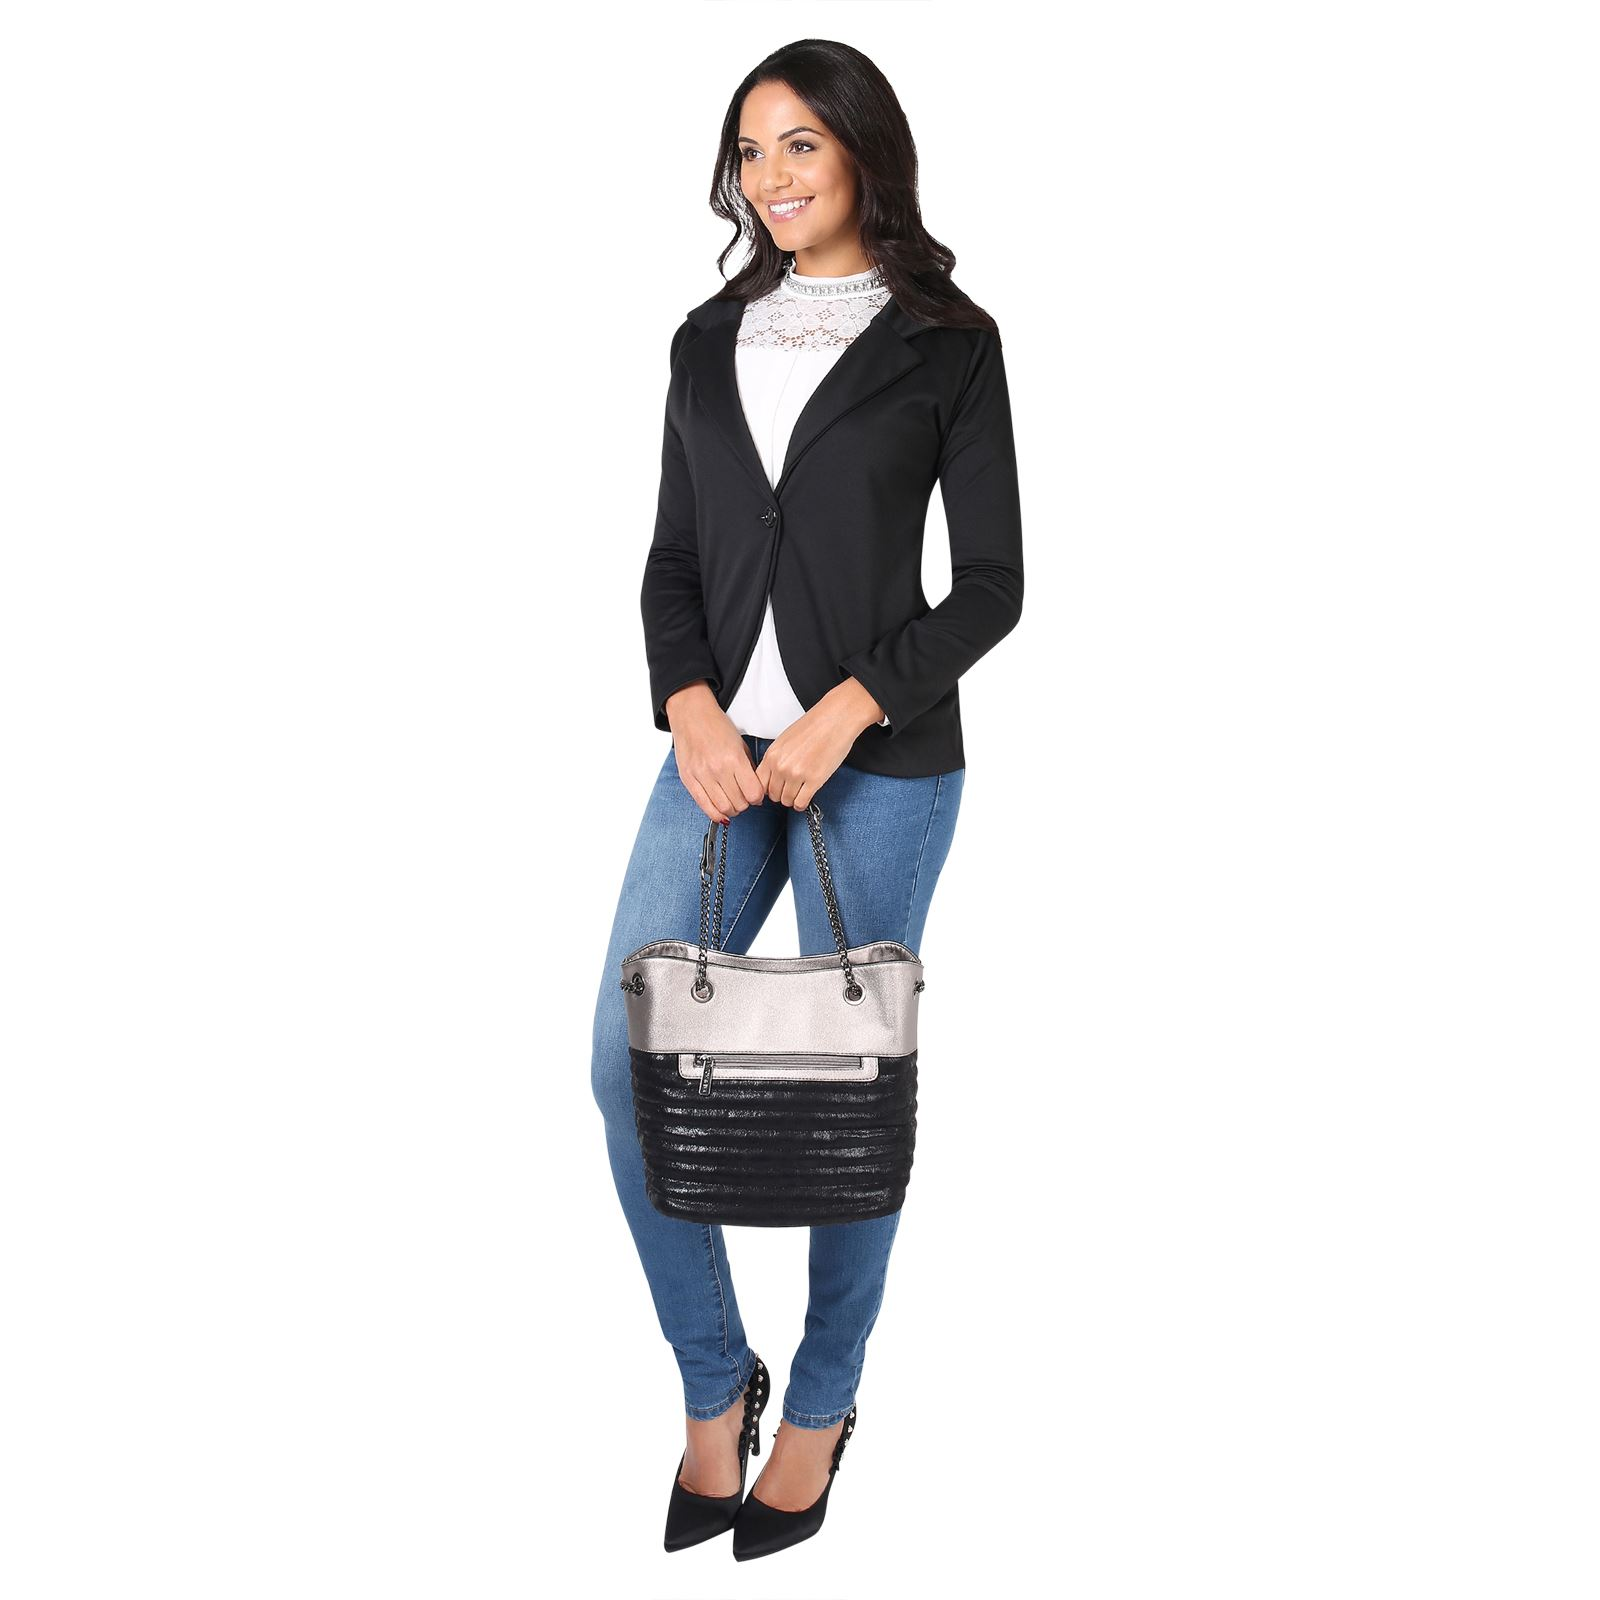 damen fashion blazer slim fit jersey sommer jacke sakko freizeit b ro office ebay. Black Bedroom Furniture Sets. Home Design Ideas